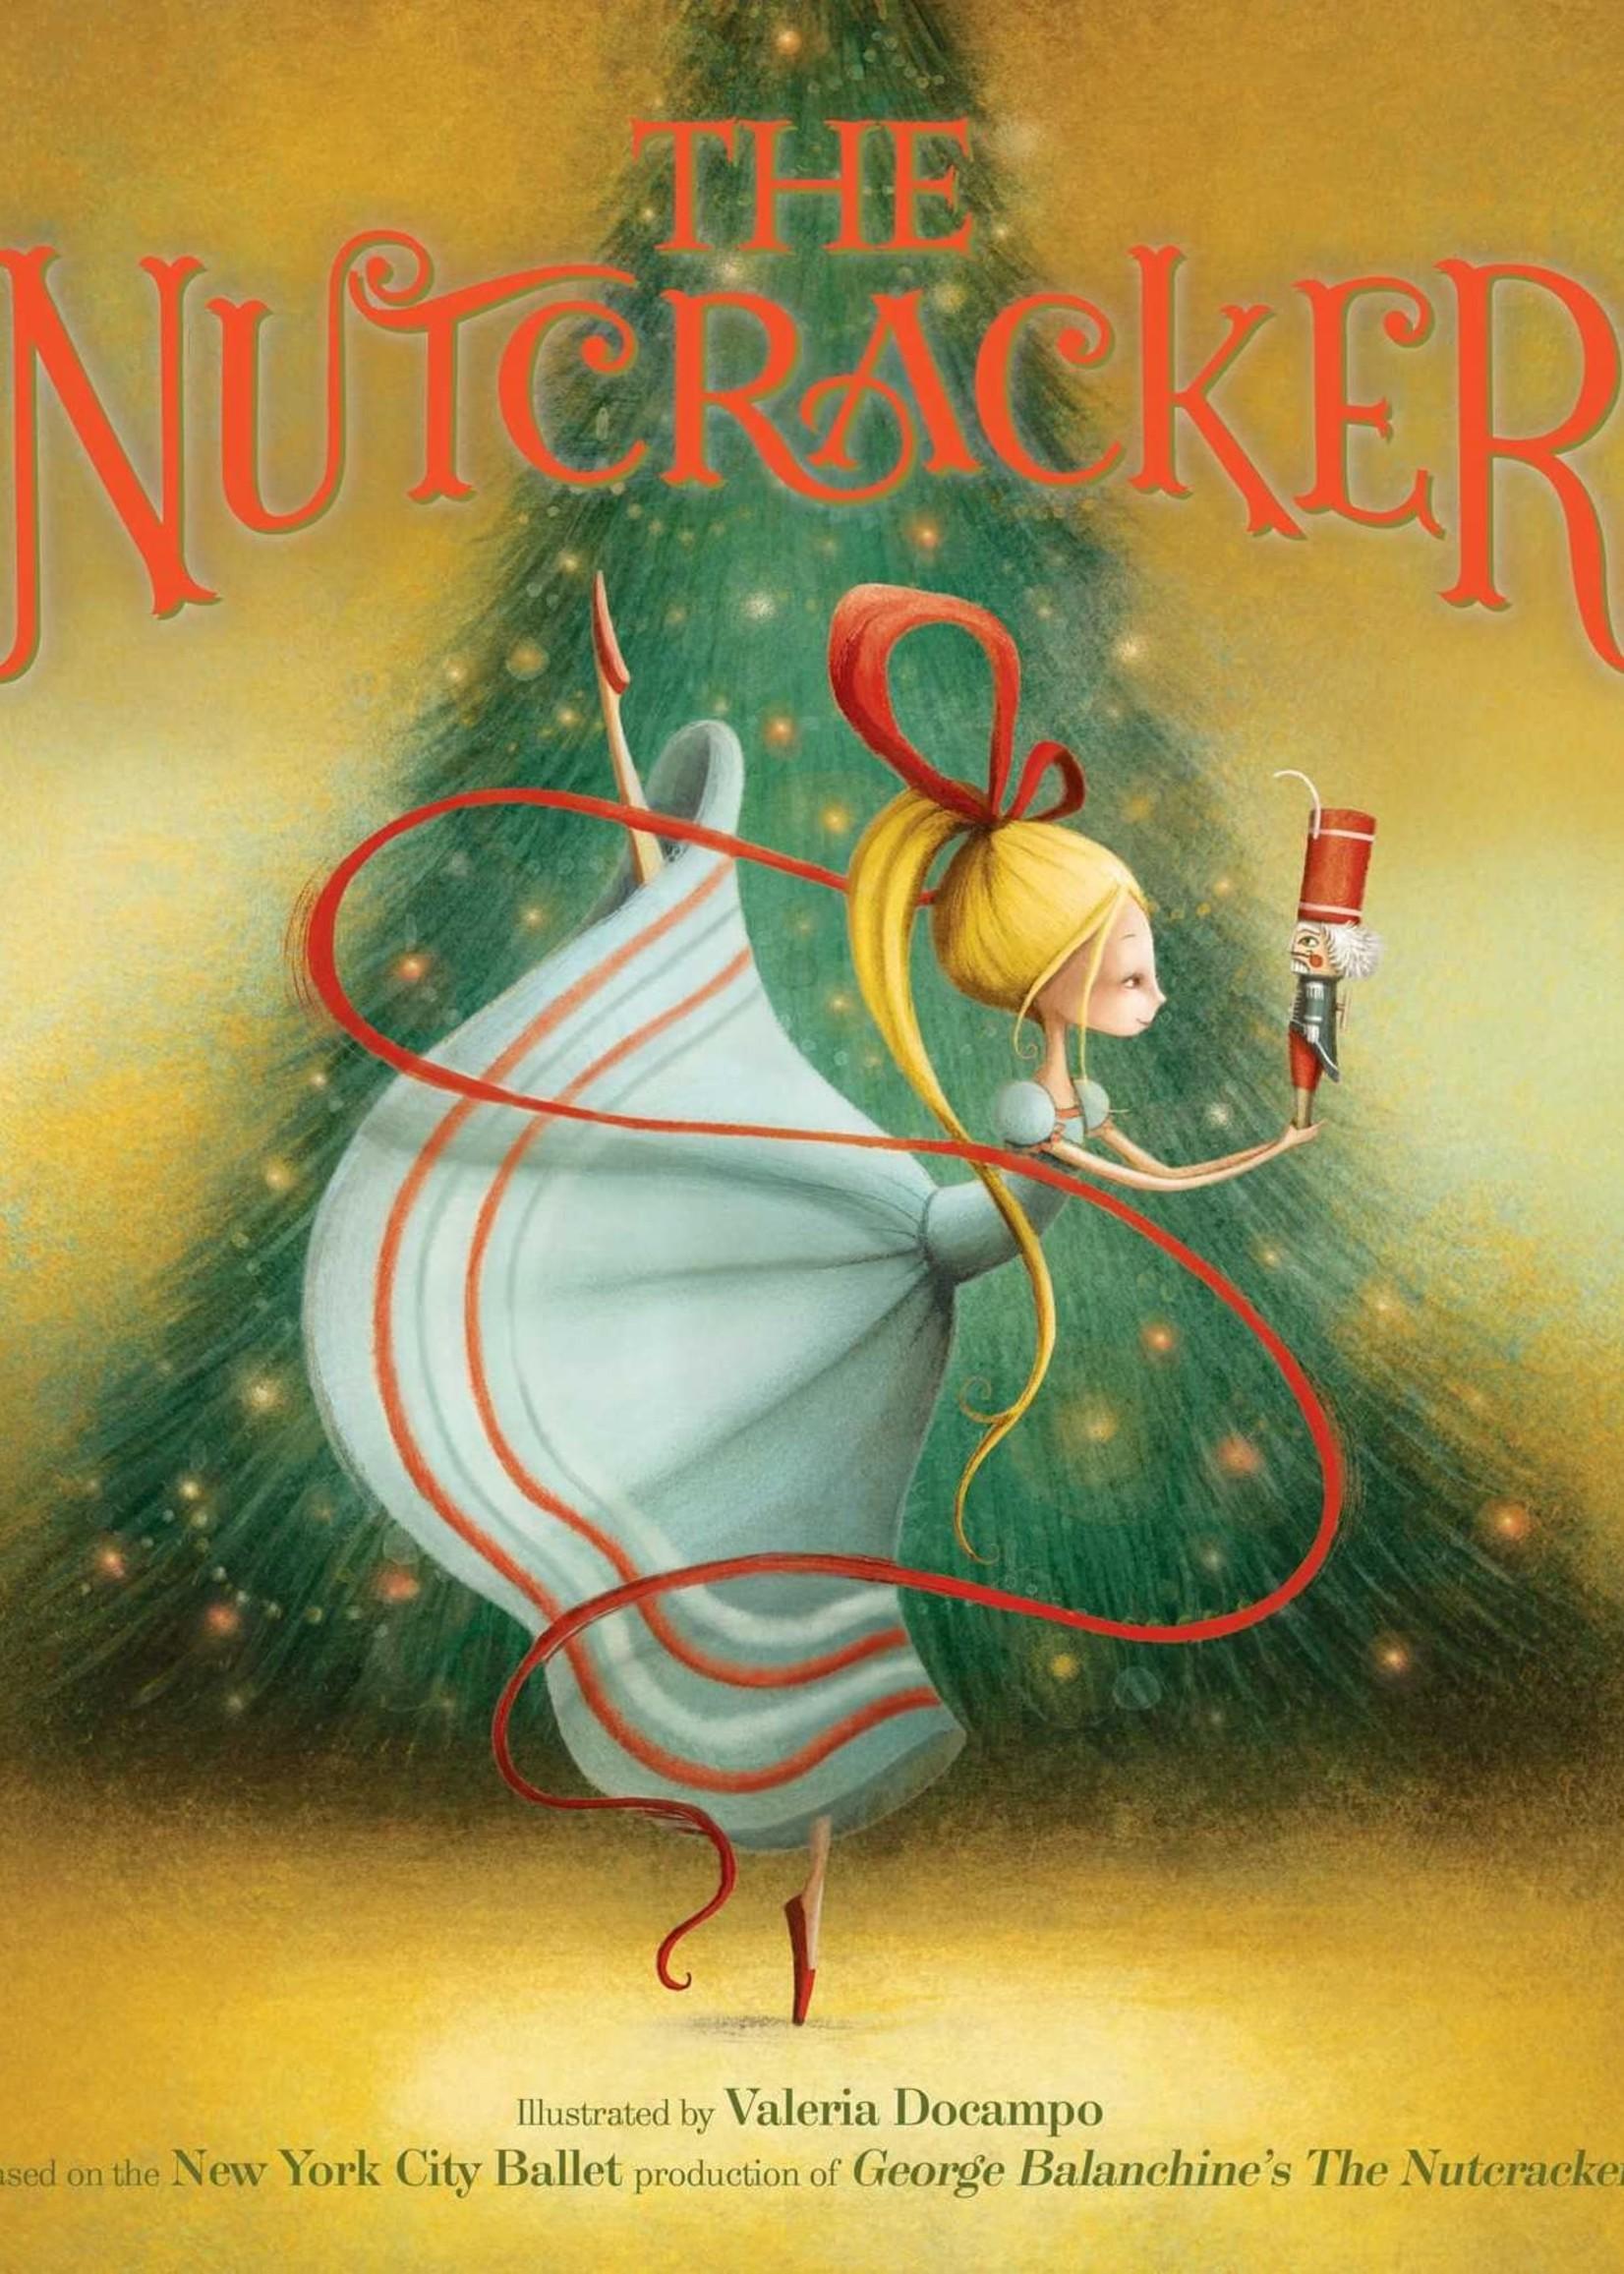 The Nutcracker, NYC Ballet - Hardcover